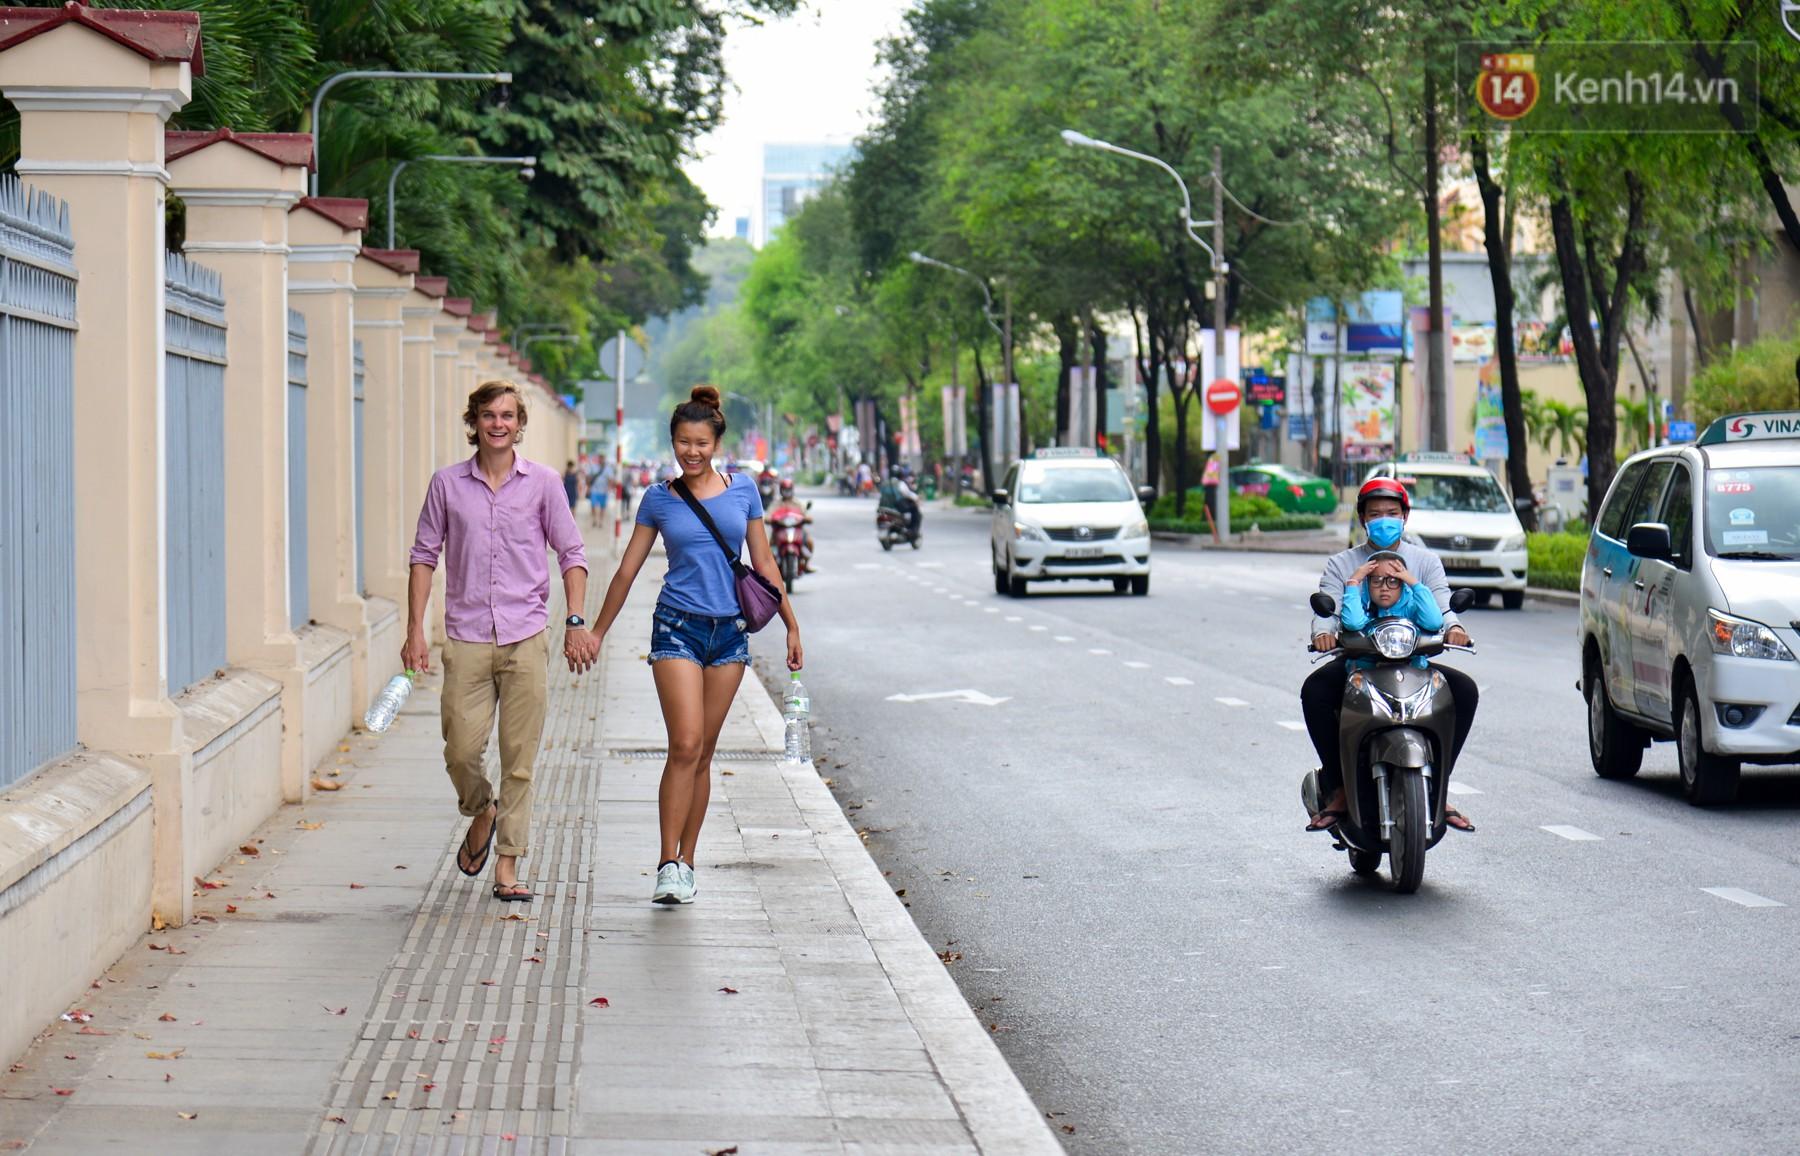 Chùm ảnh: Những ngày này, có một Sài Gòn tĩnh lặng lạ thường khi người dân đã rủ nhau đi trốn - Ảnh 9.